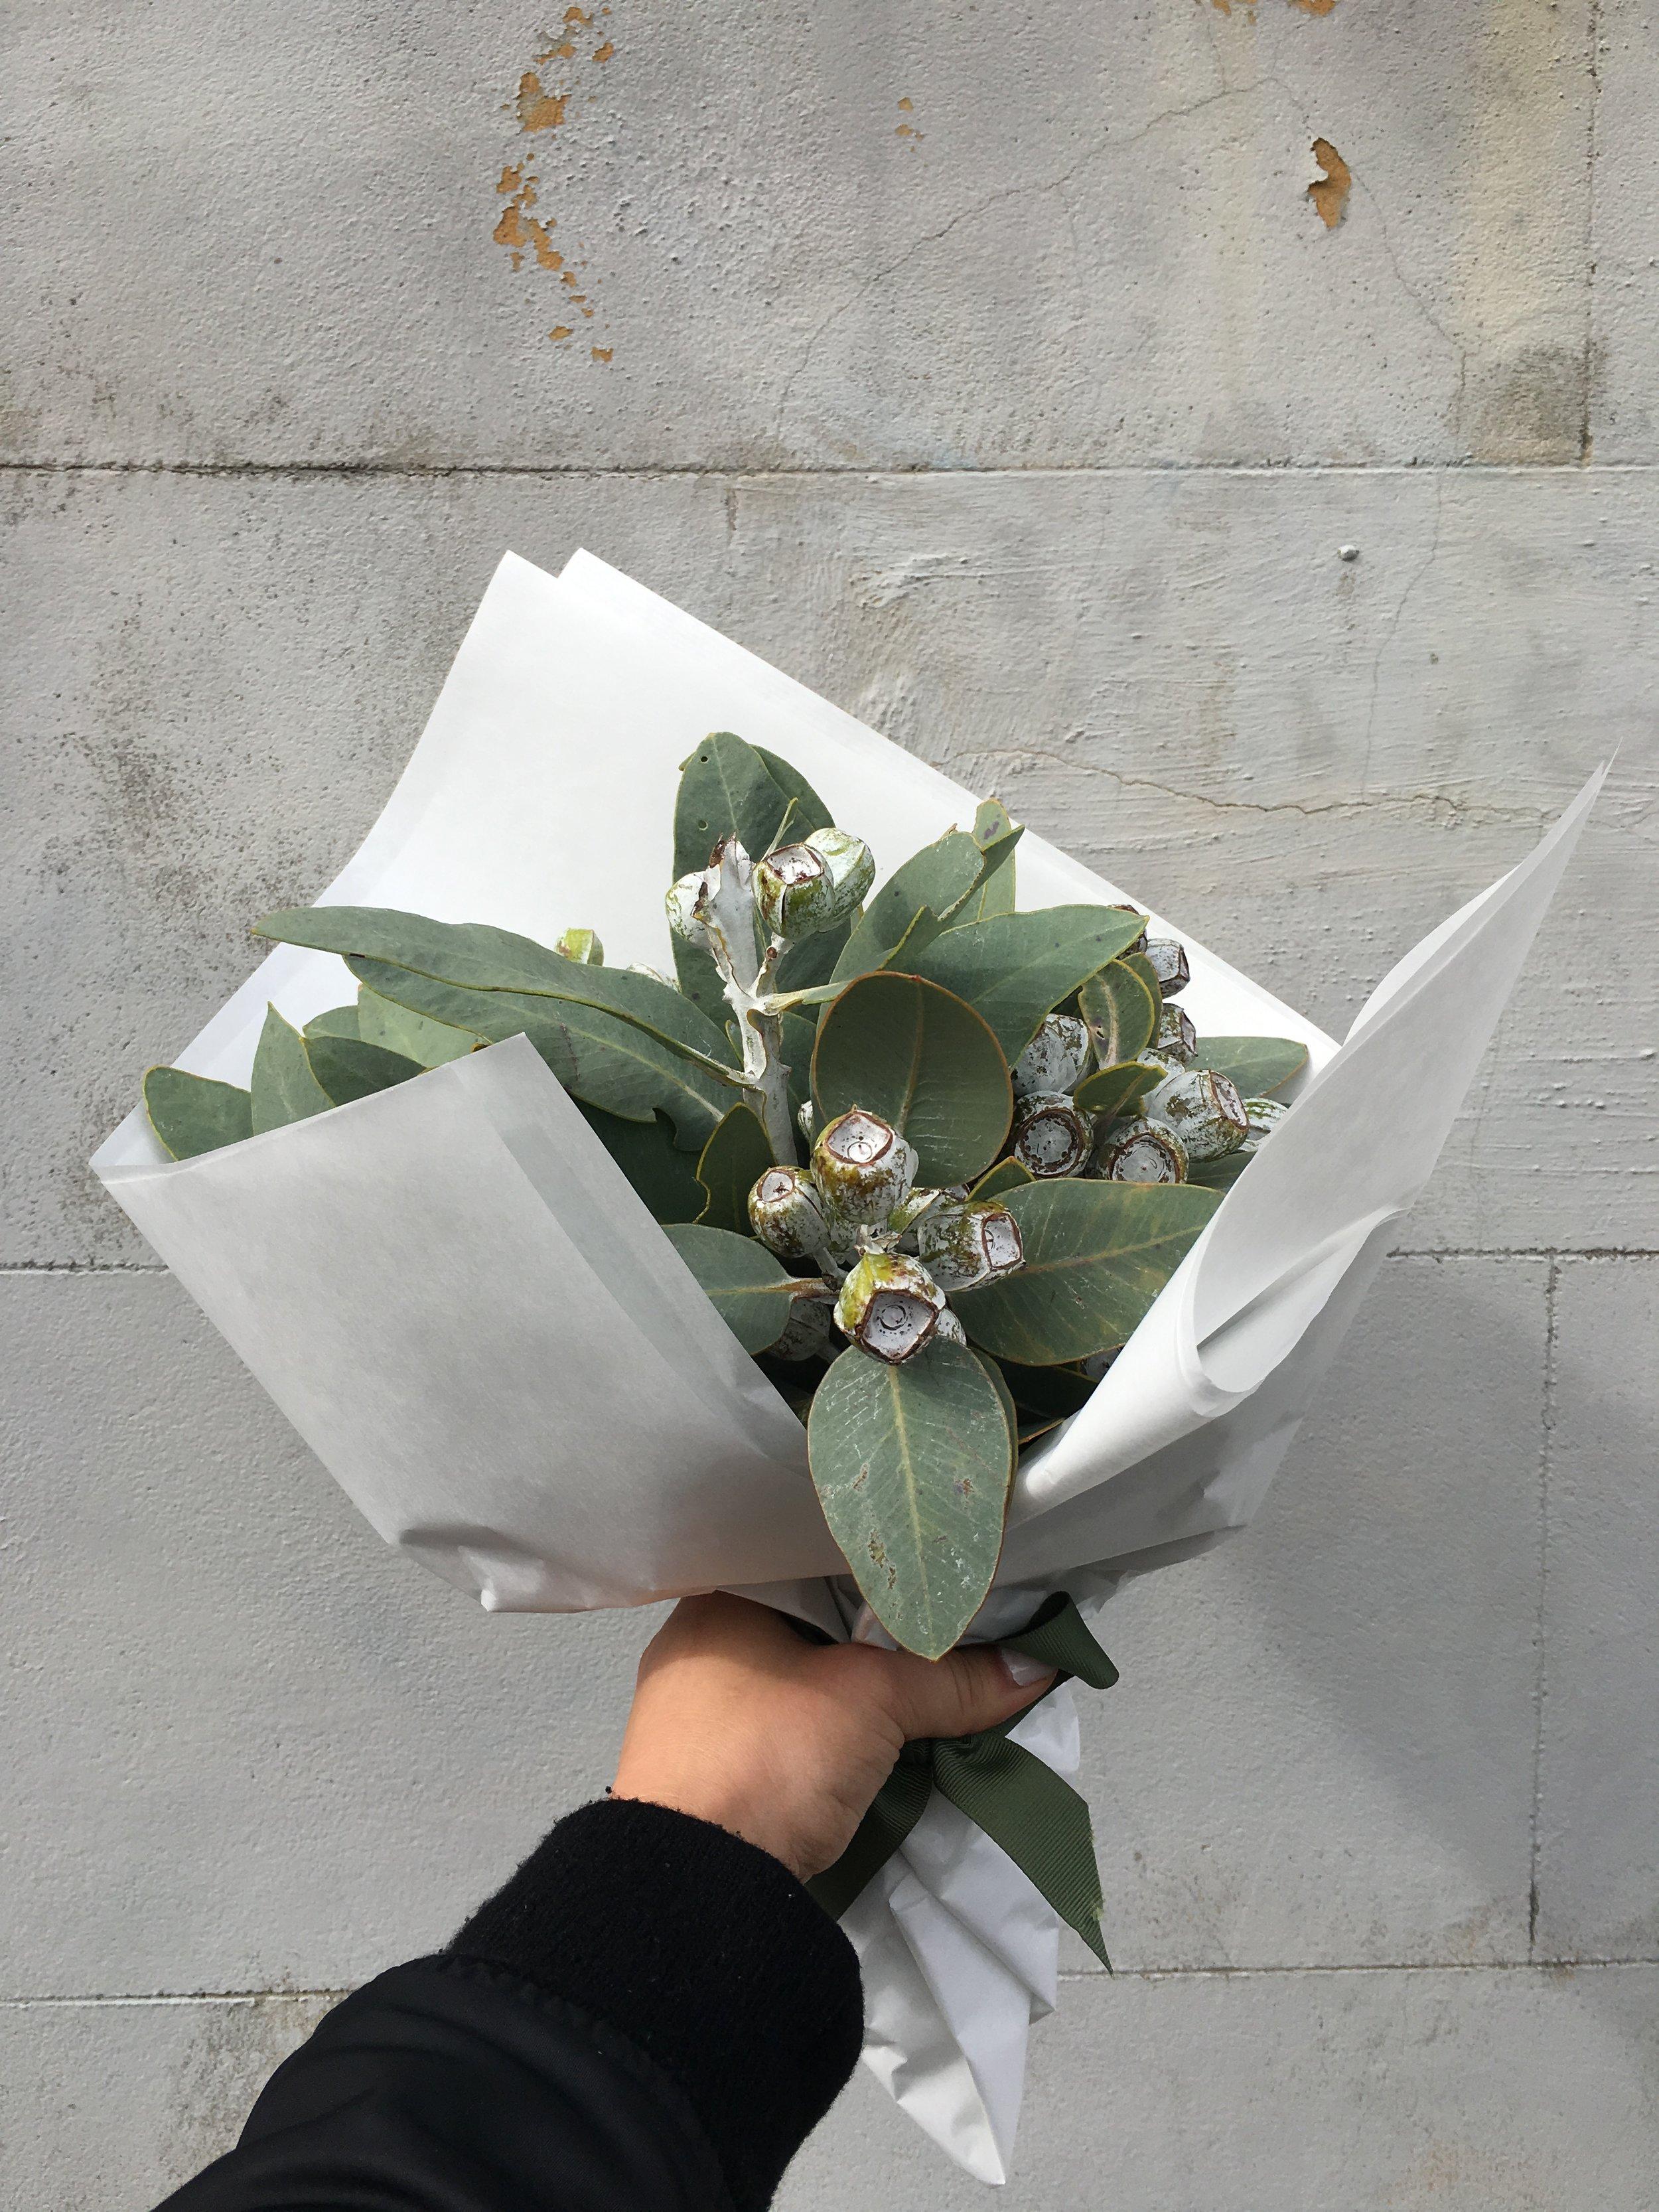 Lozidaze_Melb_Flowers-Vasette_01